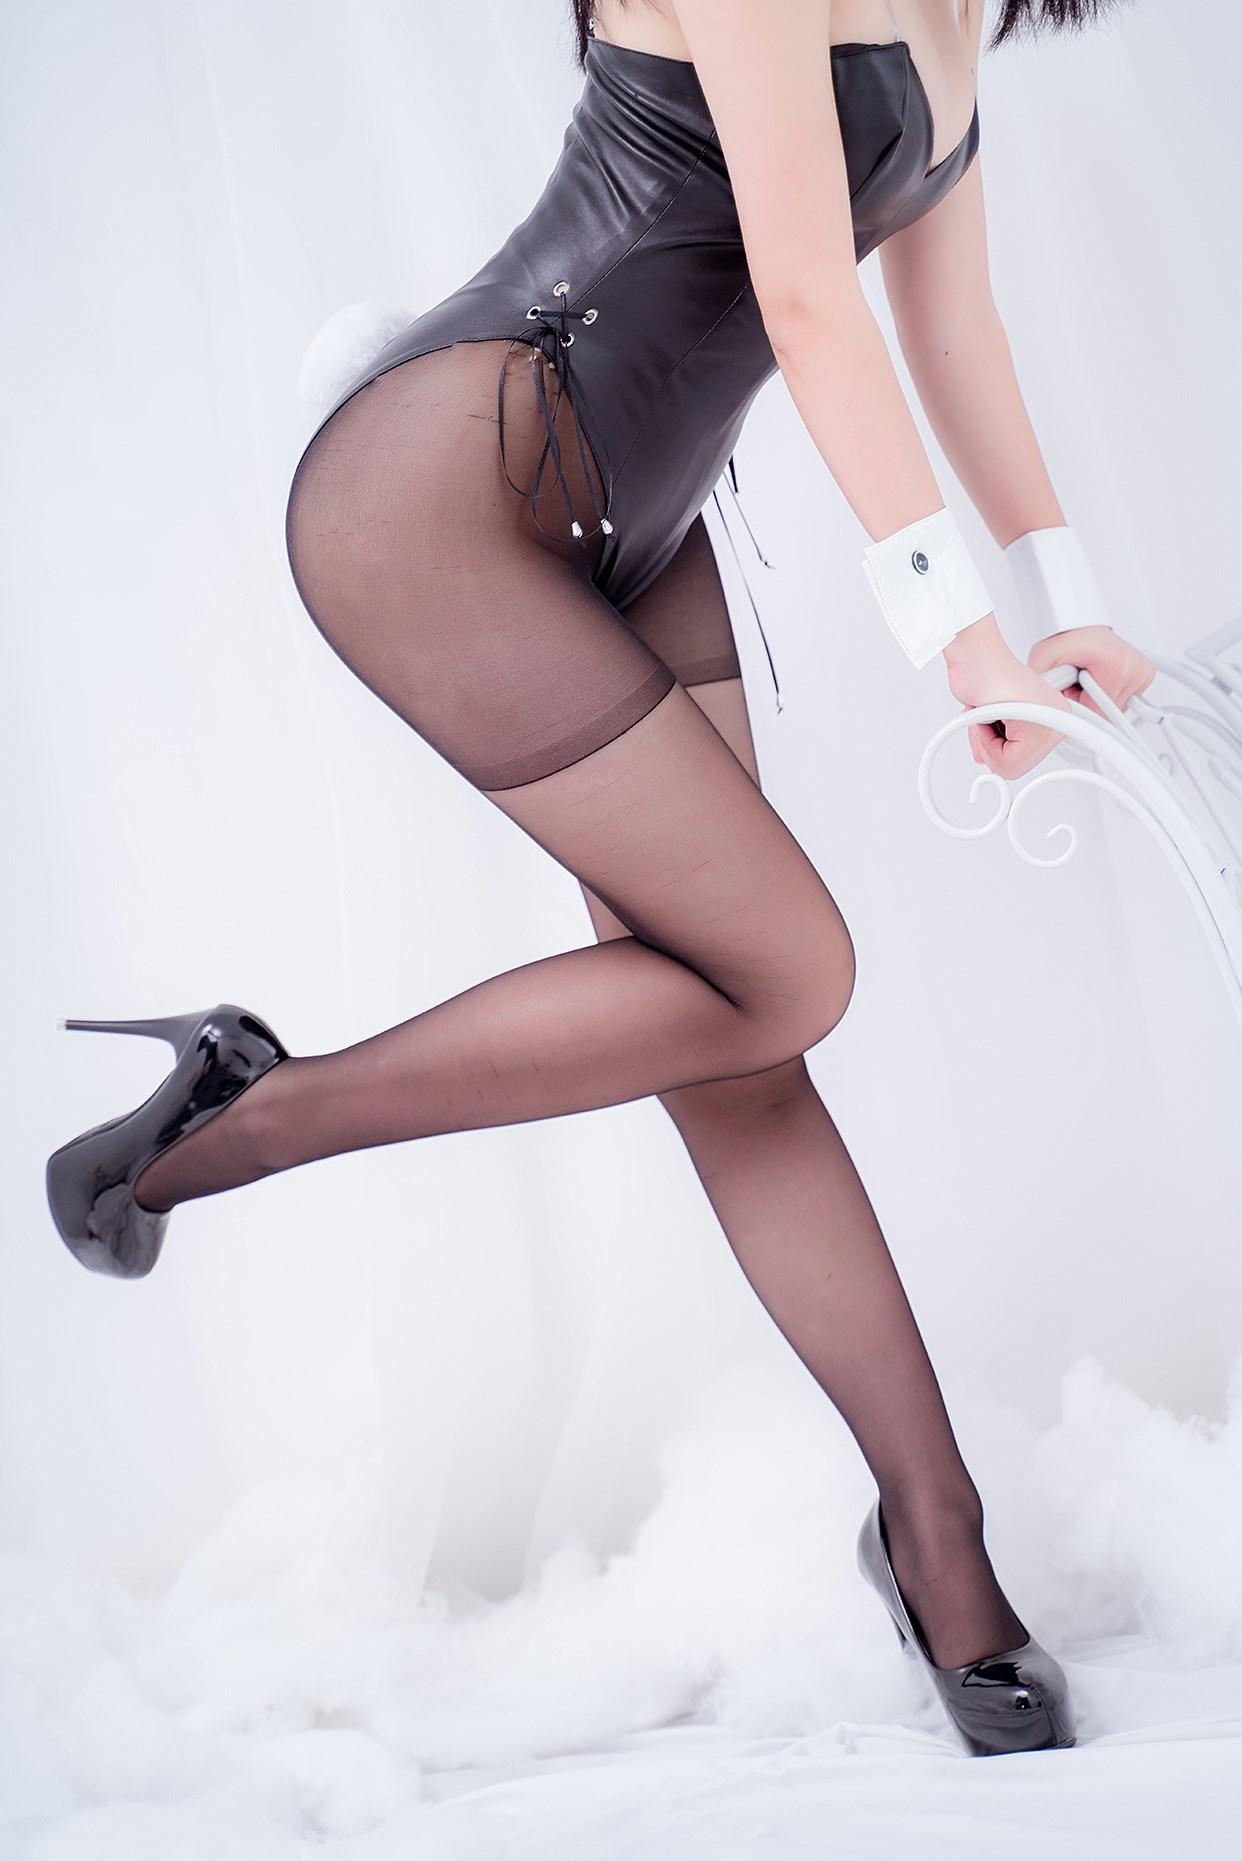 【兔玩映画】兔女郎vol.18-荼蘼 兔玩映画 第27张